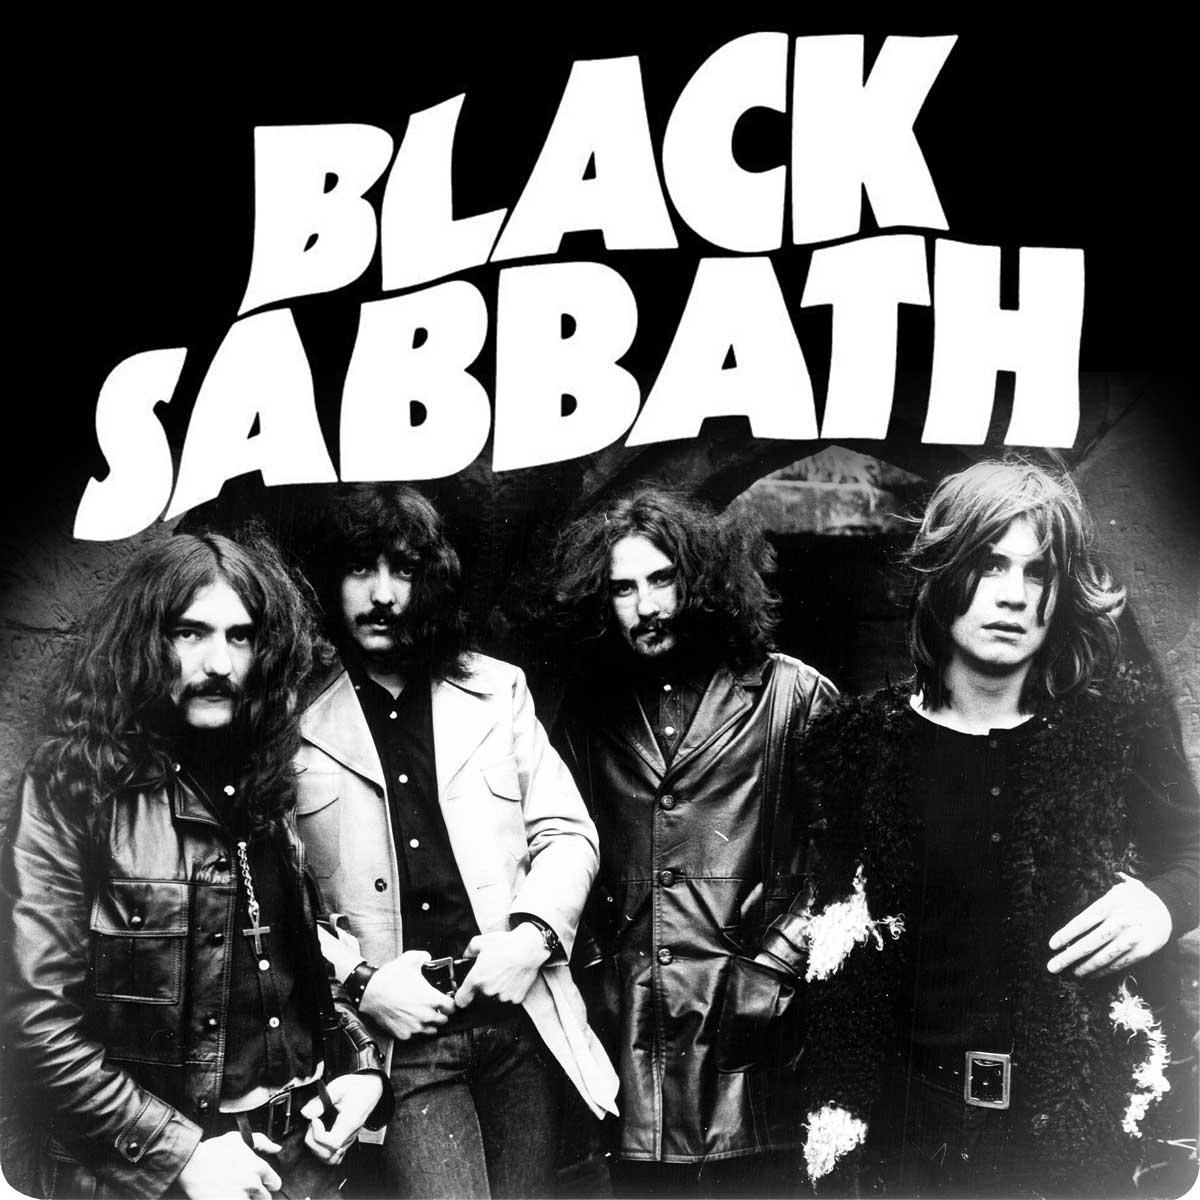 BlackSabbath.jpg